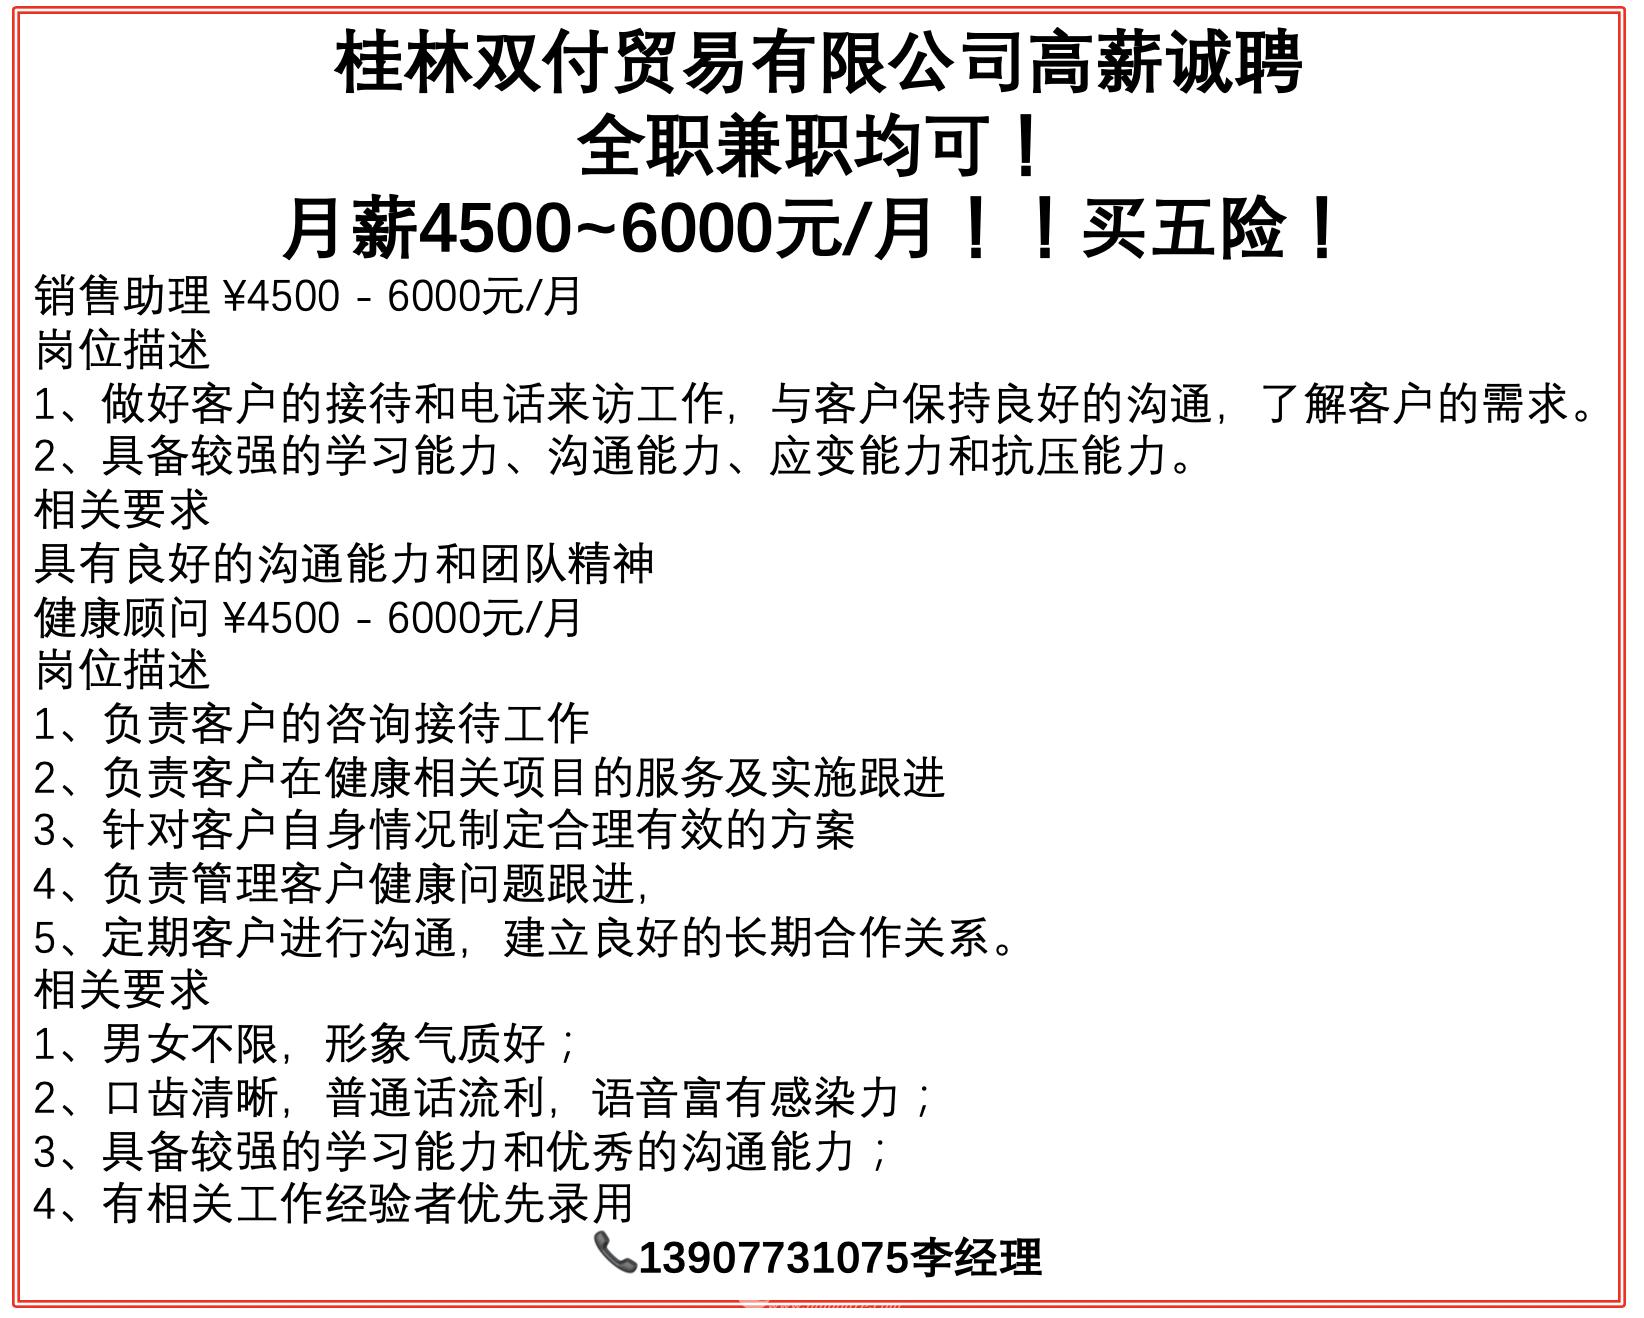 乐虎国际官方网站双付贸易有限公司高薪诚聘 月薪4500~6000元/月!!买五险!